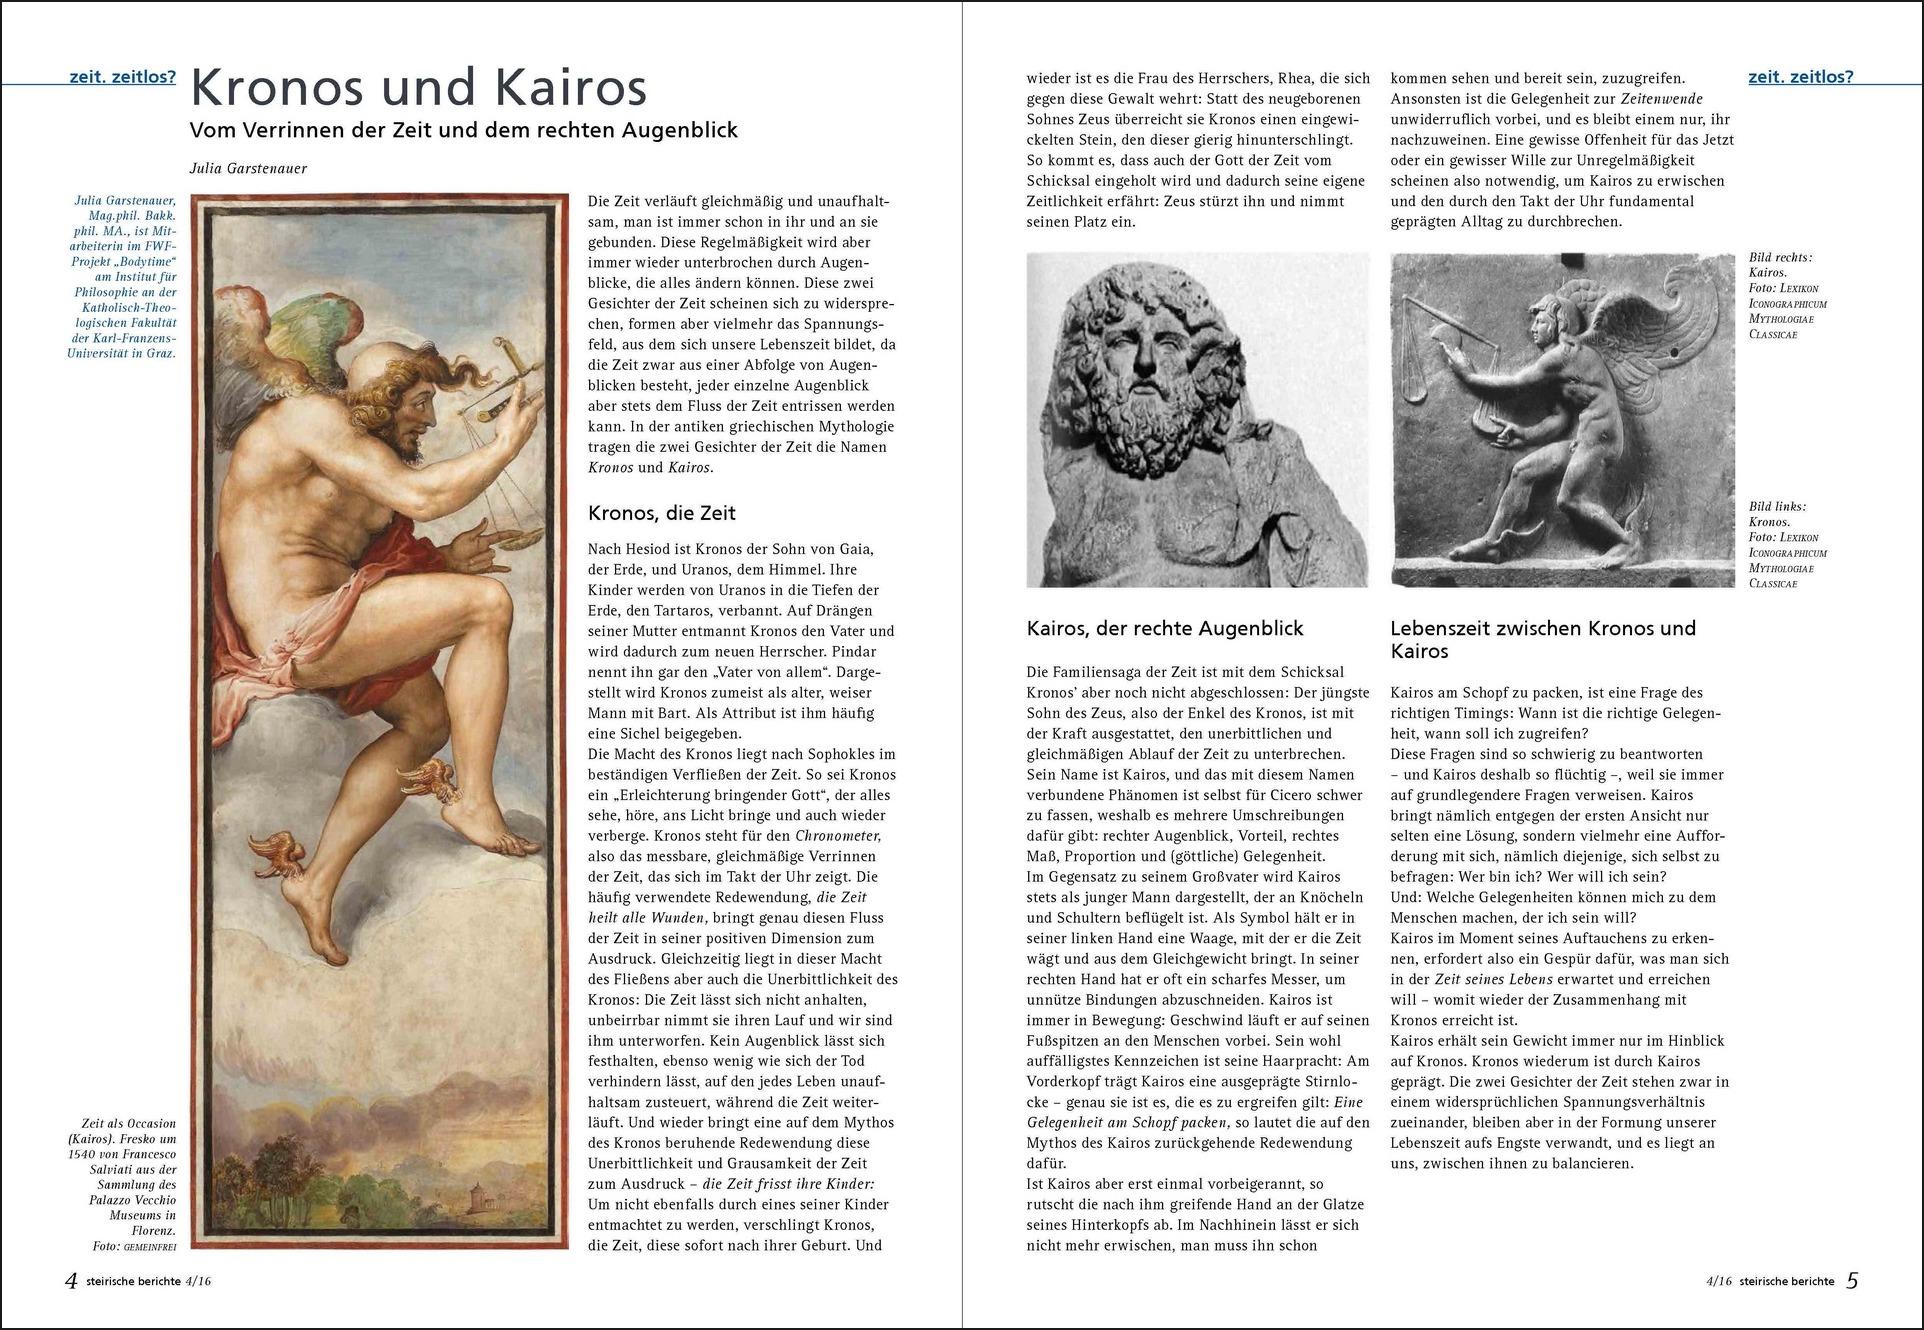 Kronos und Kairos